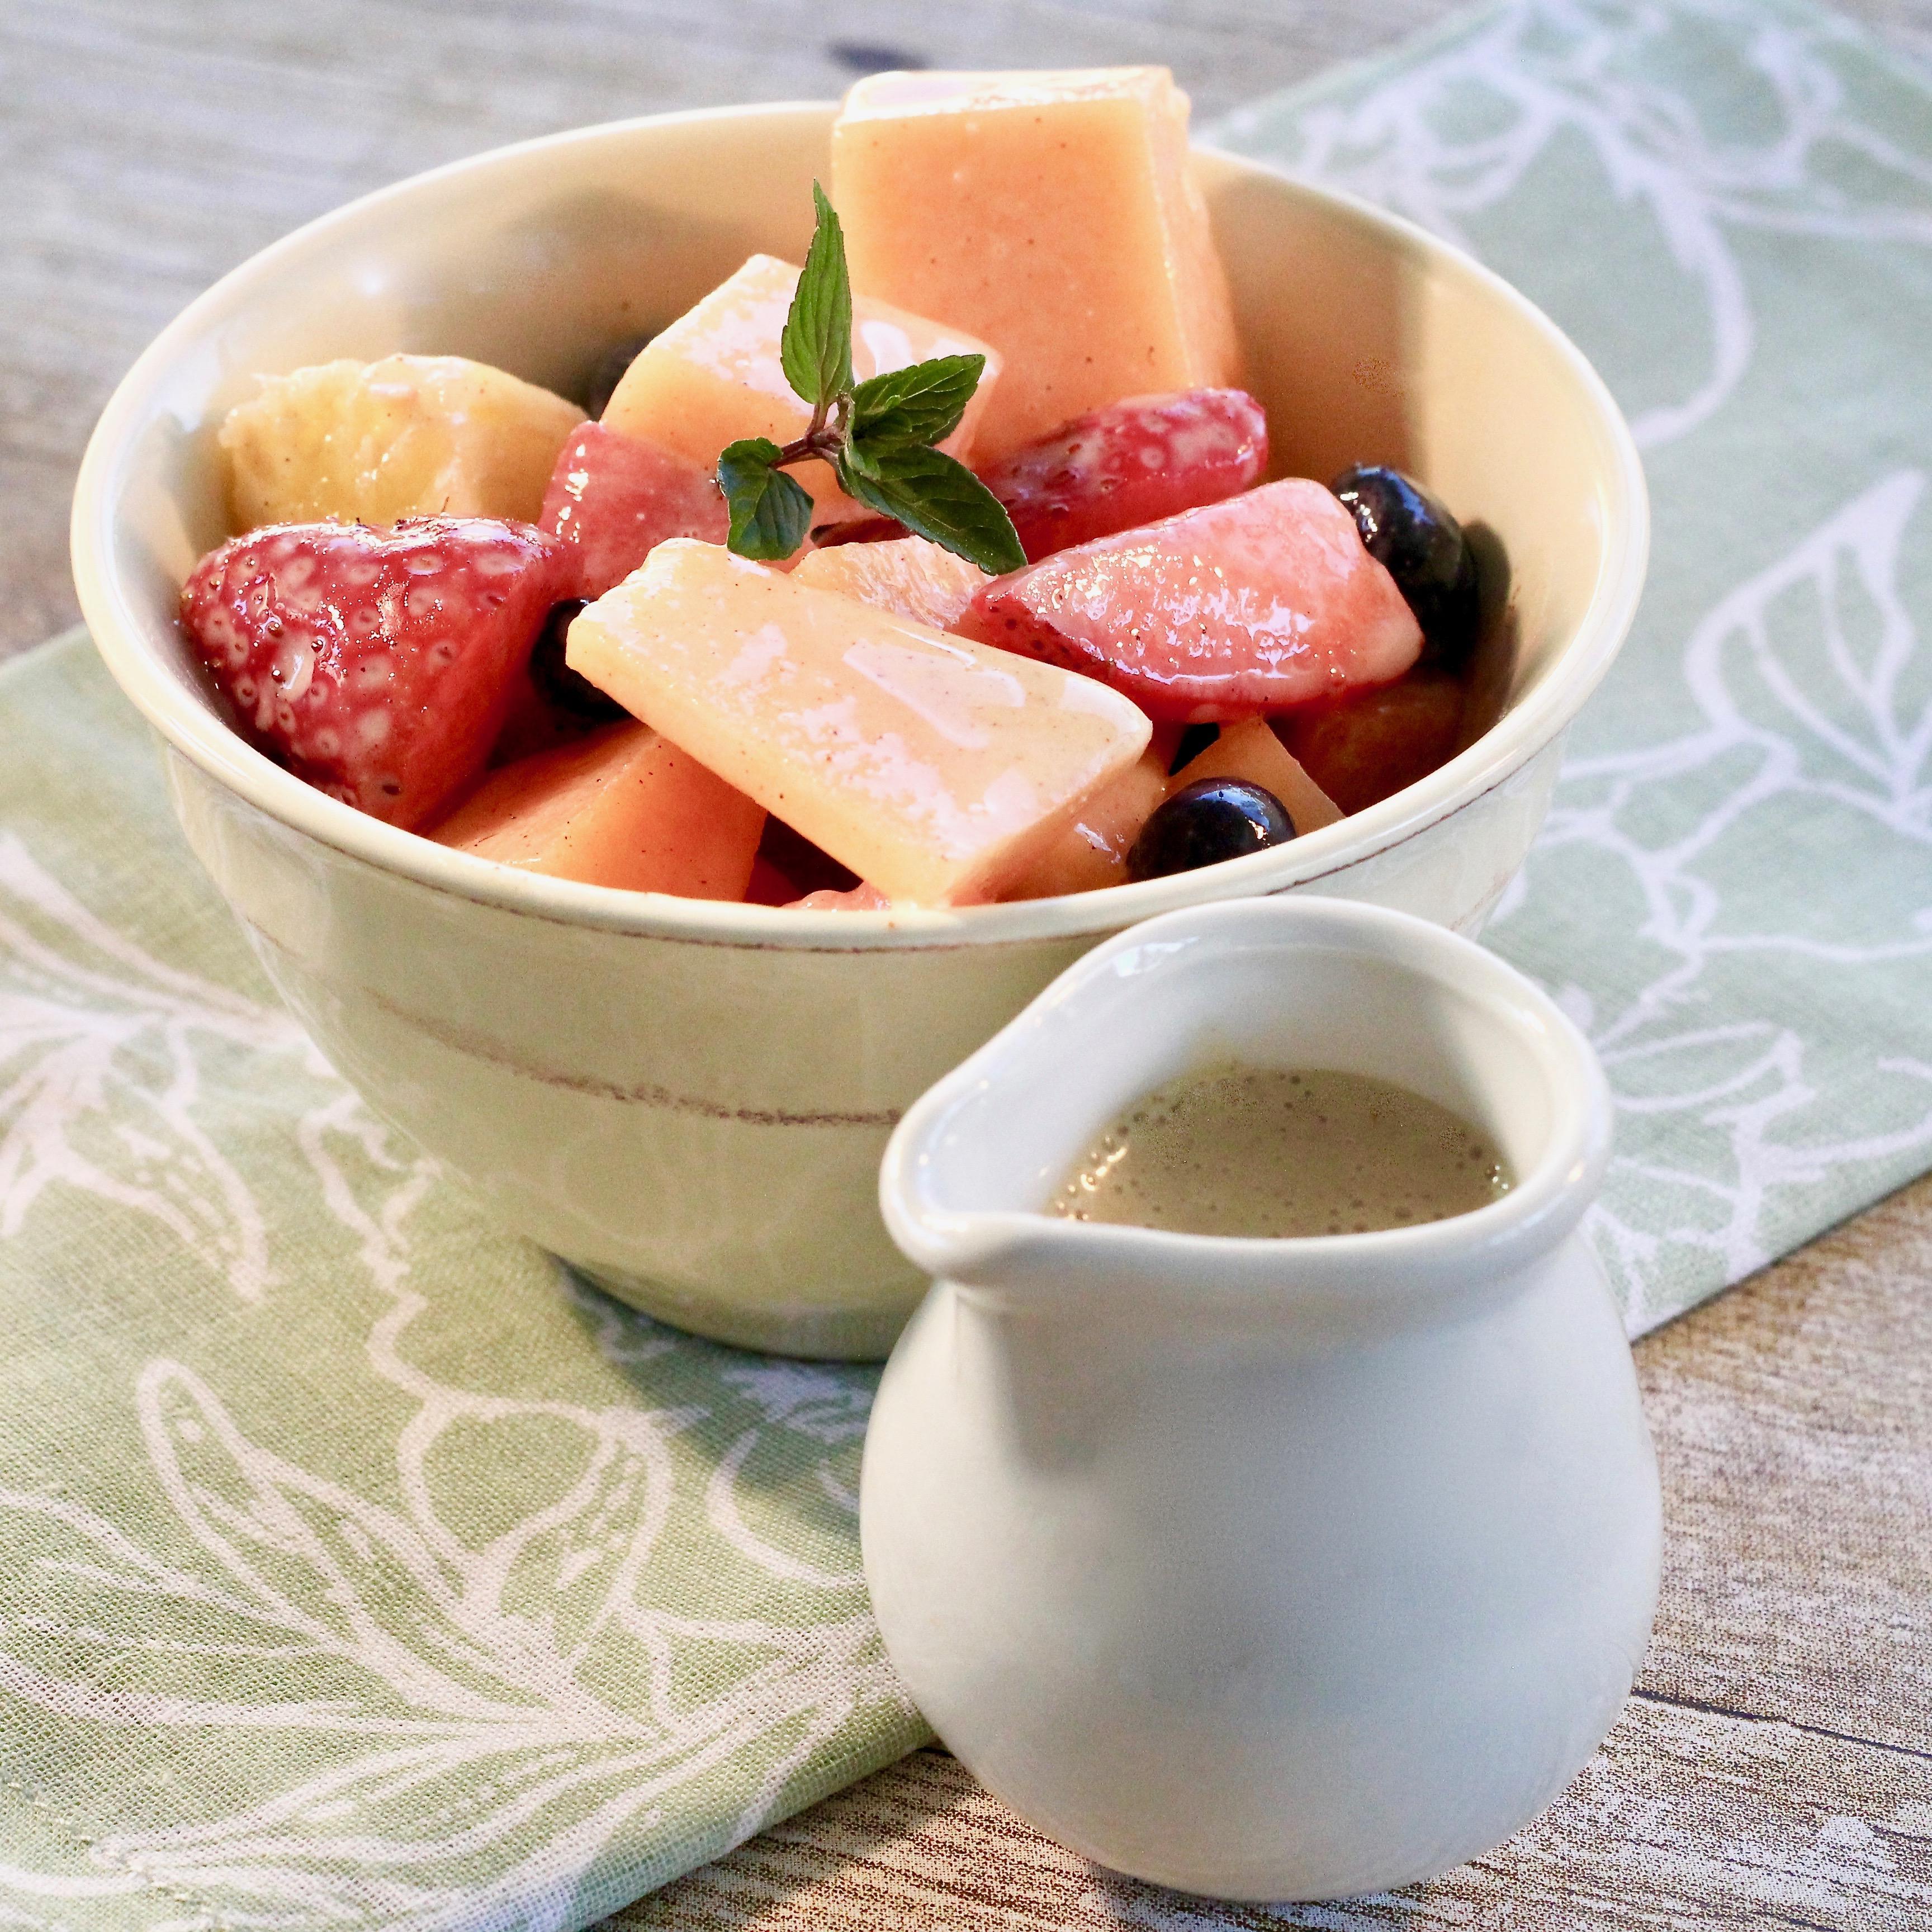 Sweet Dressing For Fruit Salad image